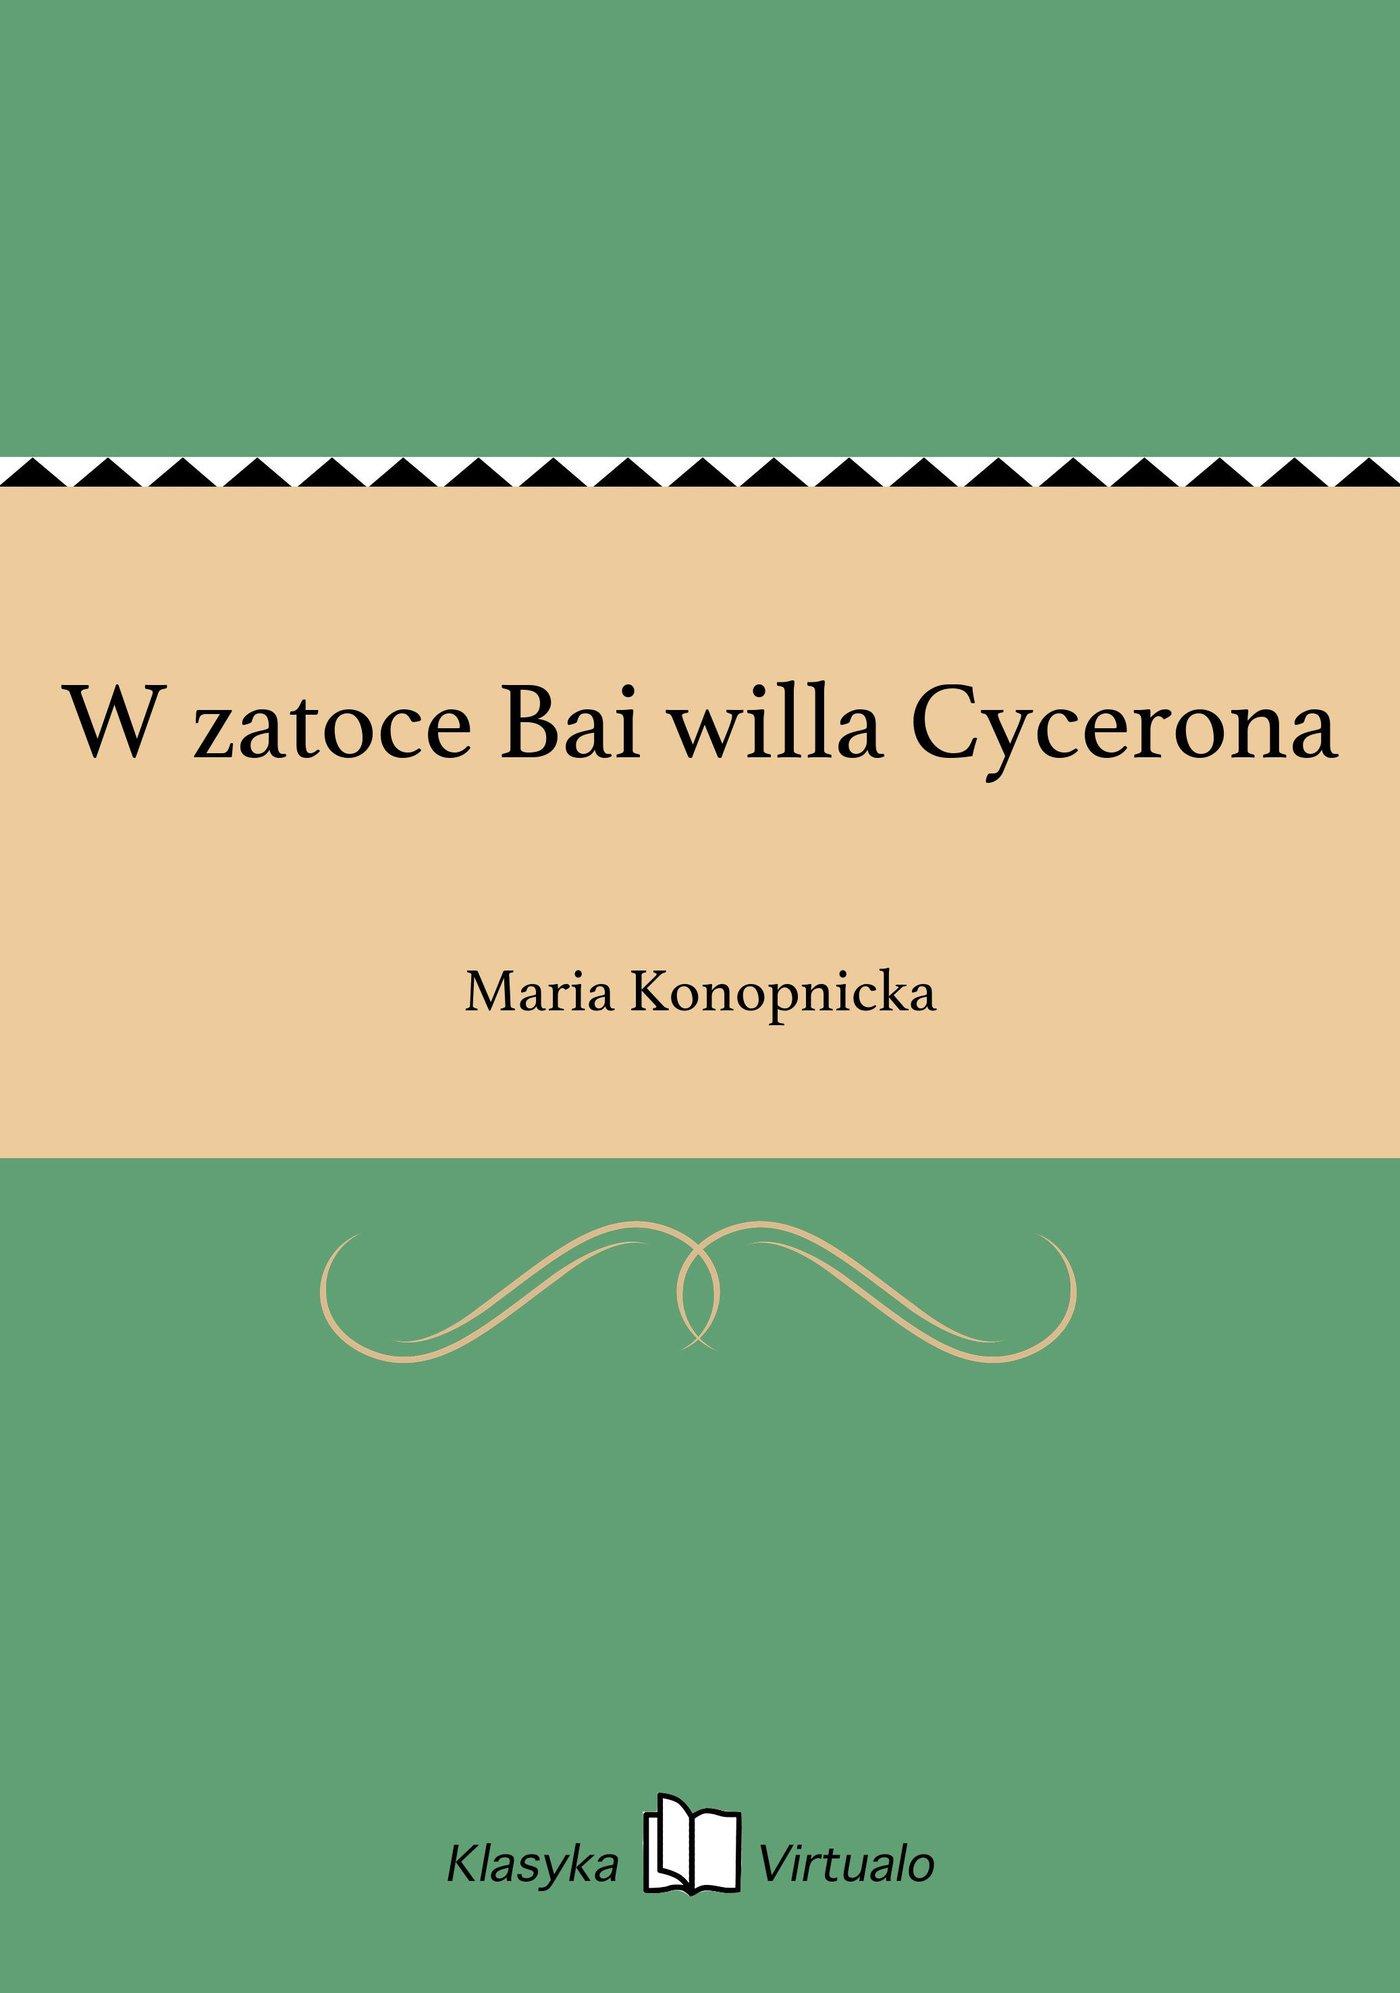 W zatoce Bai willa Cycerona - Ebook (Książka na Kindle) do pobrania w formacie MOBI